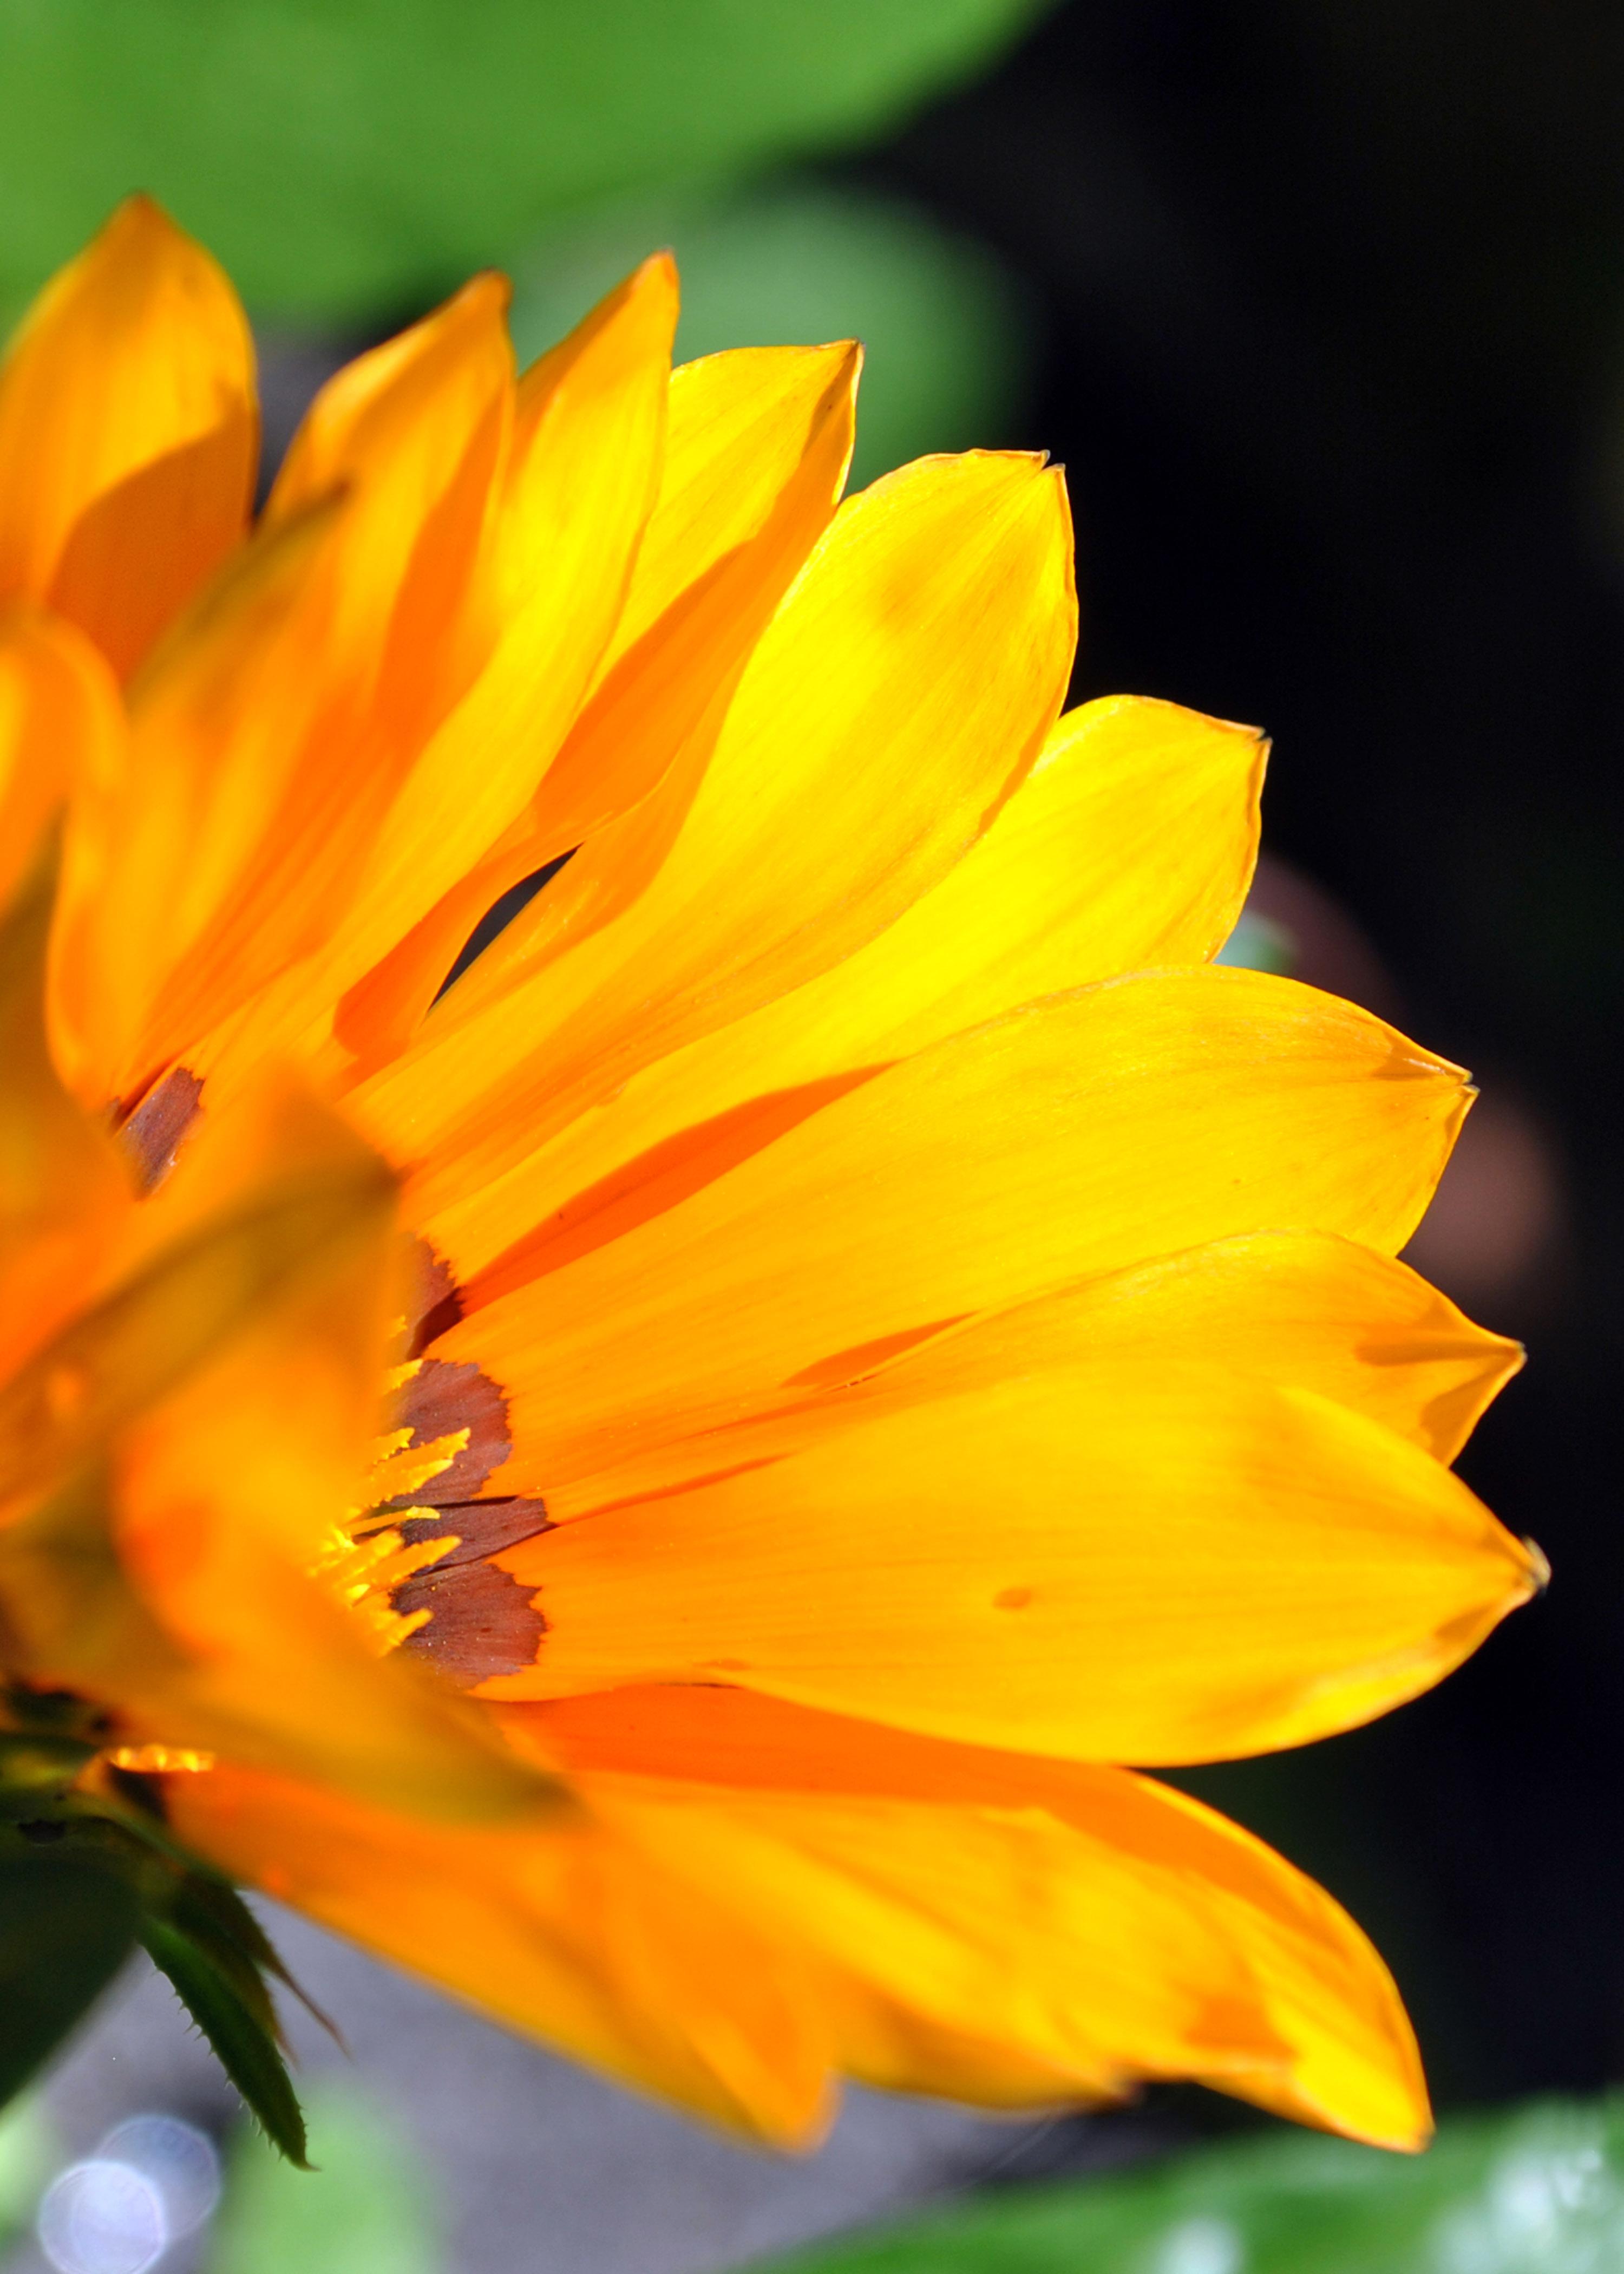 Glowing Flower, Summerflowers, Flowerprint, Springsflowers, Poster, HQ Photo